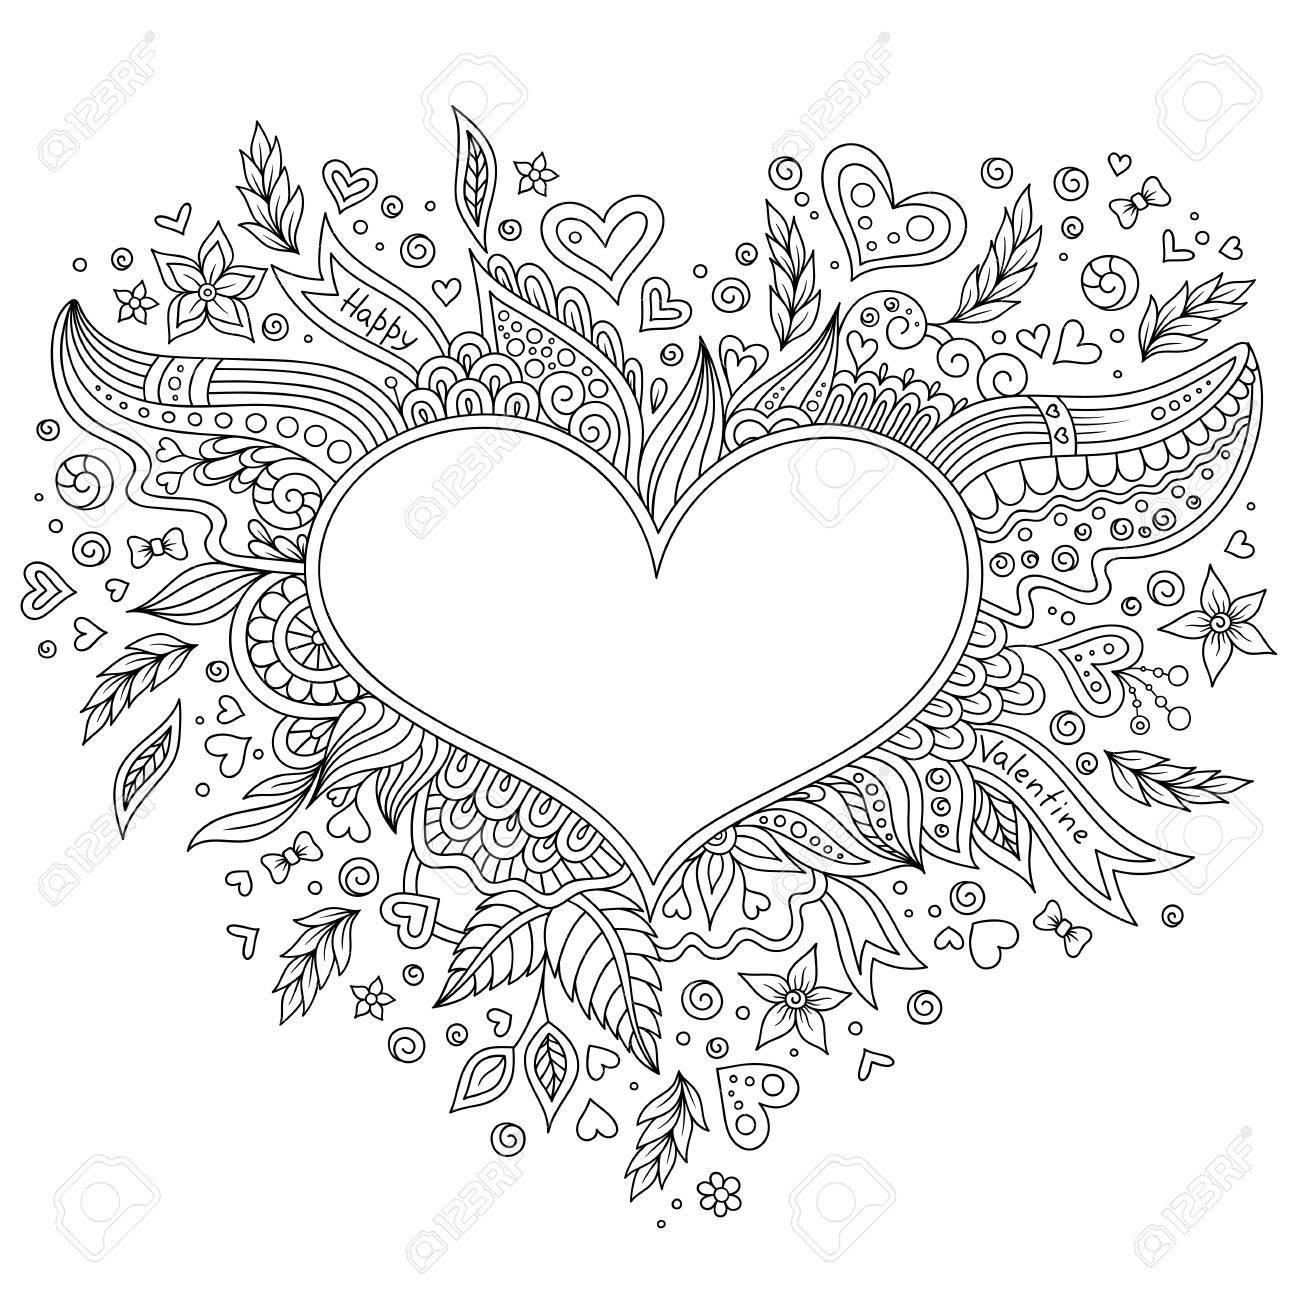 Coloriage Coeur De Fleur St Valentin Coloriage Avec Des Details Isoles Sur Fond Blanc Clip Art Libres De Droits Vecteurs Et Illustration Image 51664815